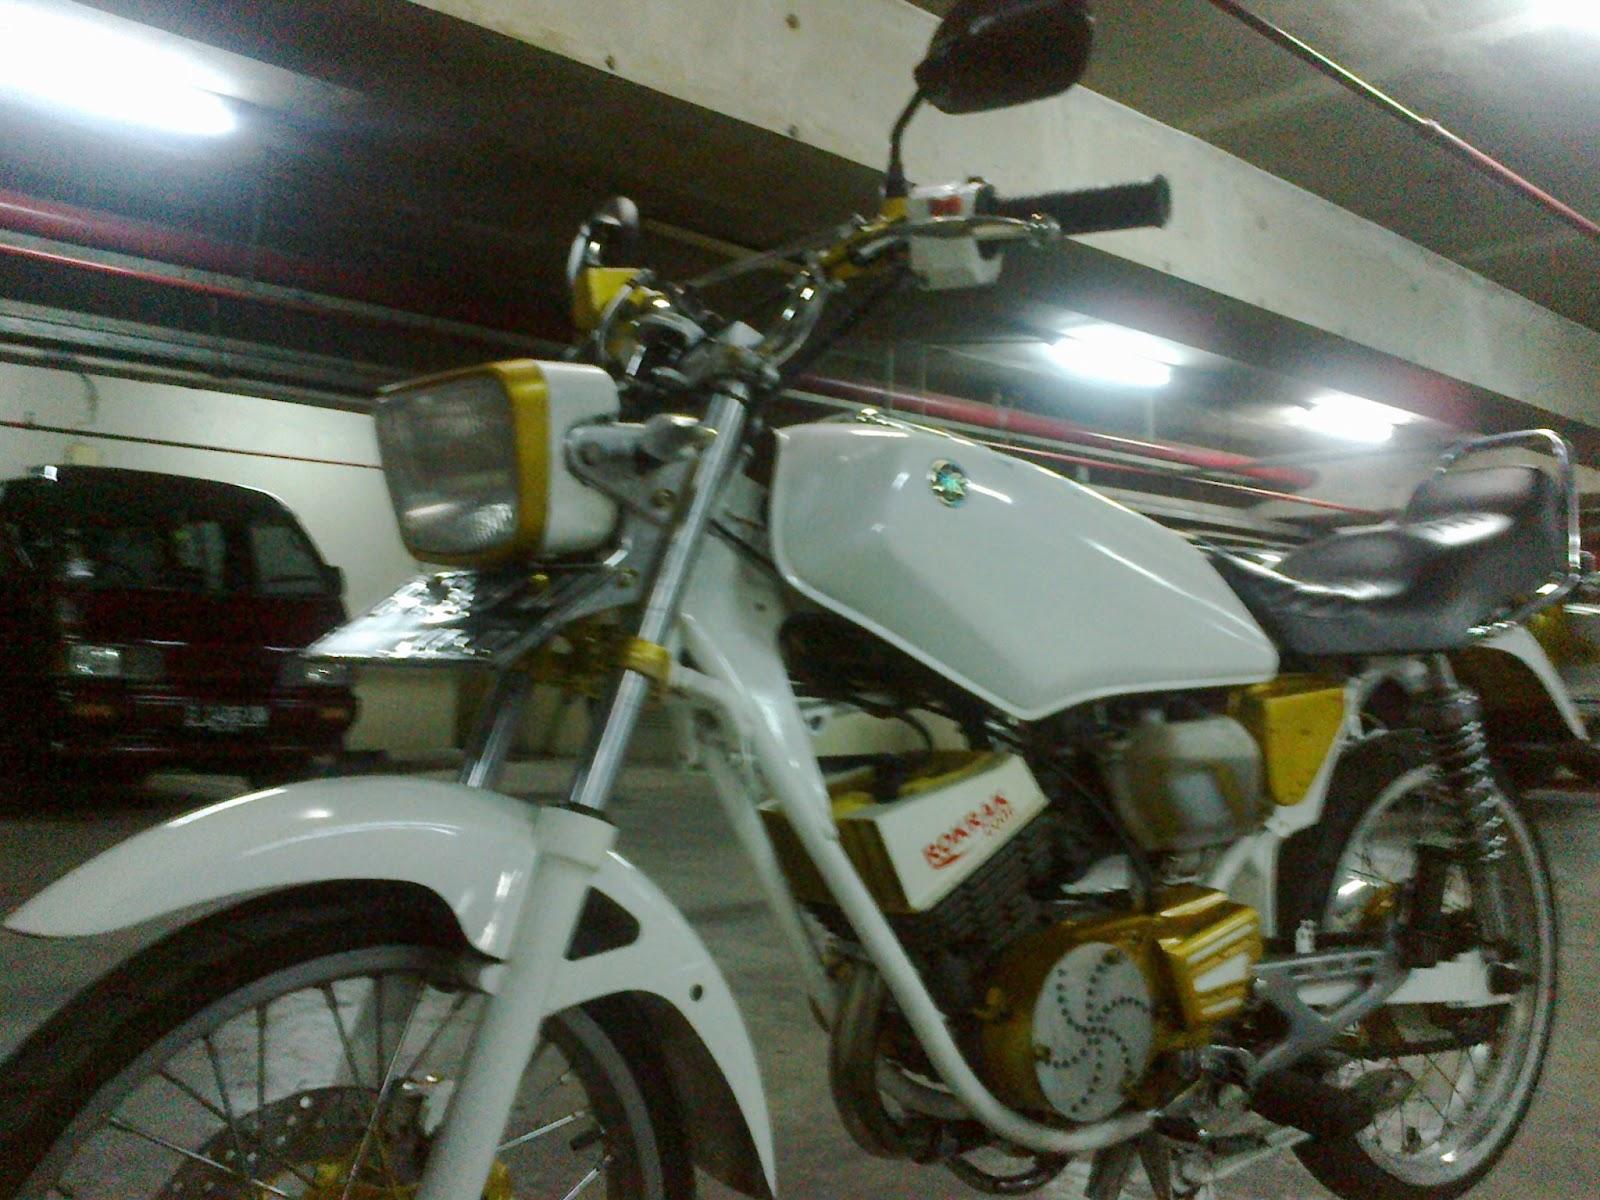 Stang original dilepas dan diganti dengan Stang milik Yamaha Vixion ...